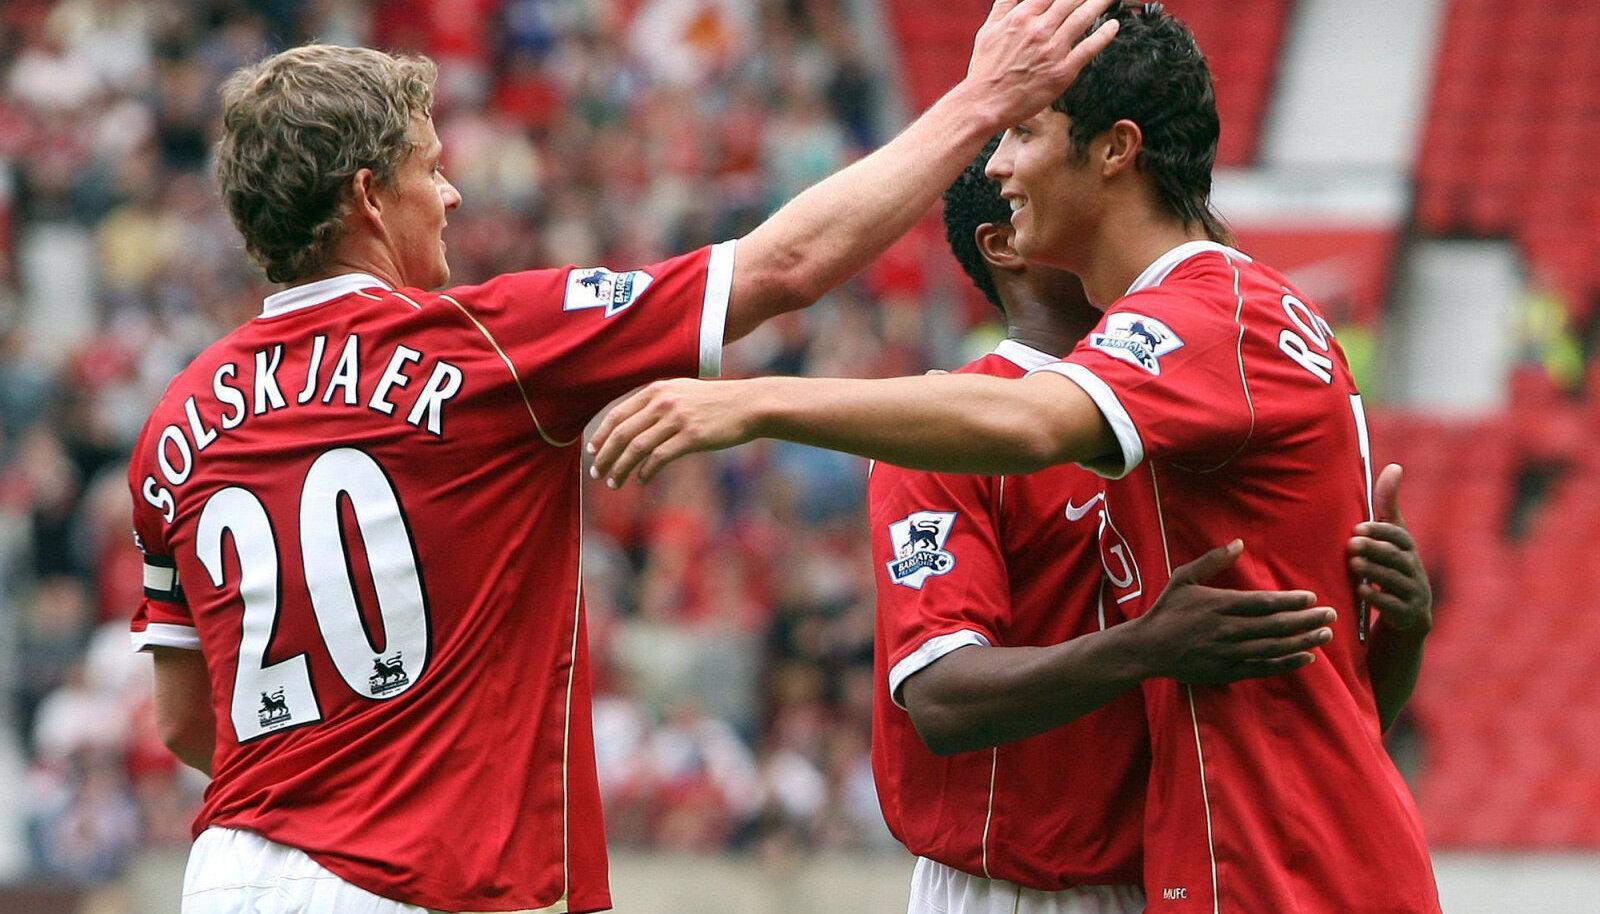 Foto aastast 2006, kui Solskjaer ja Ronaldo olid veel tiimikaaslased.